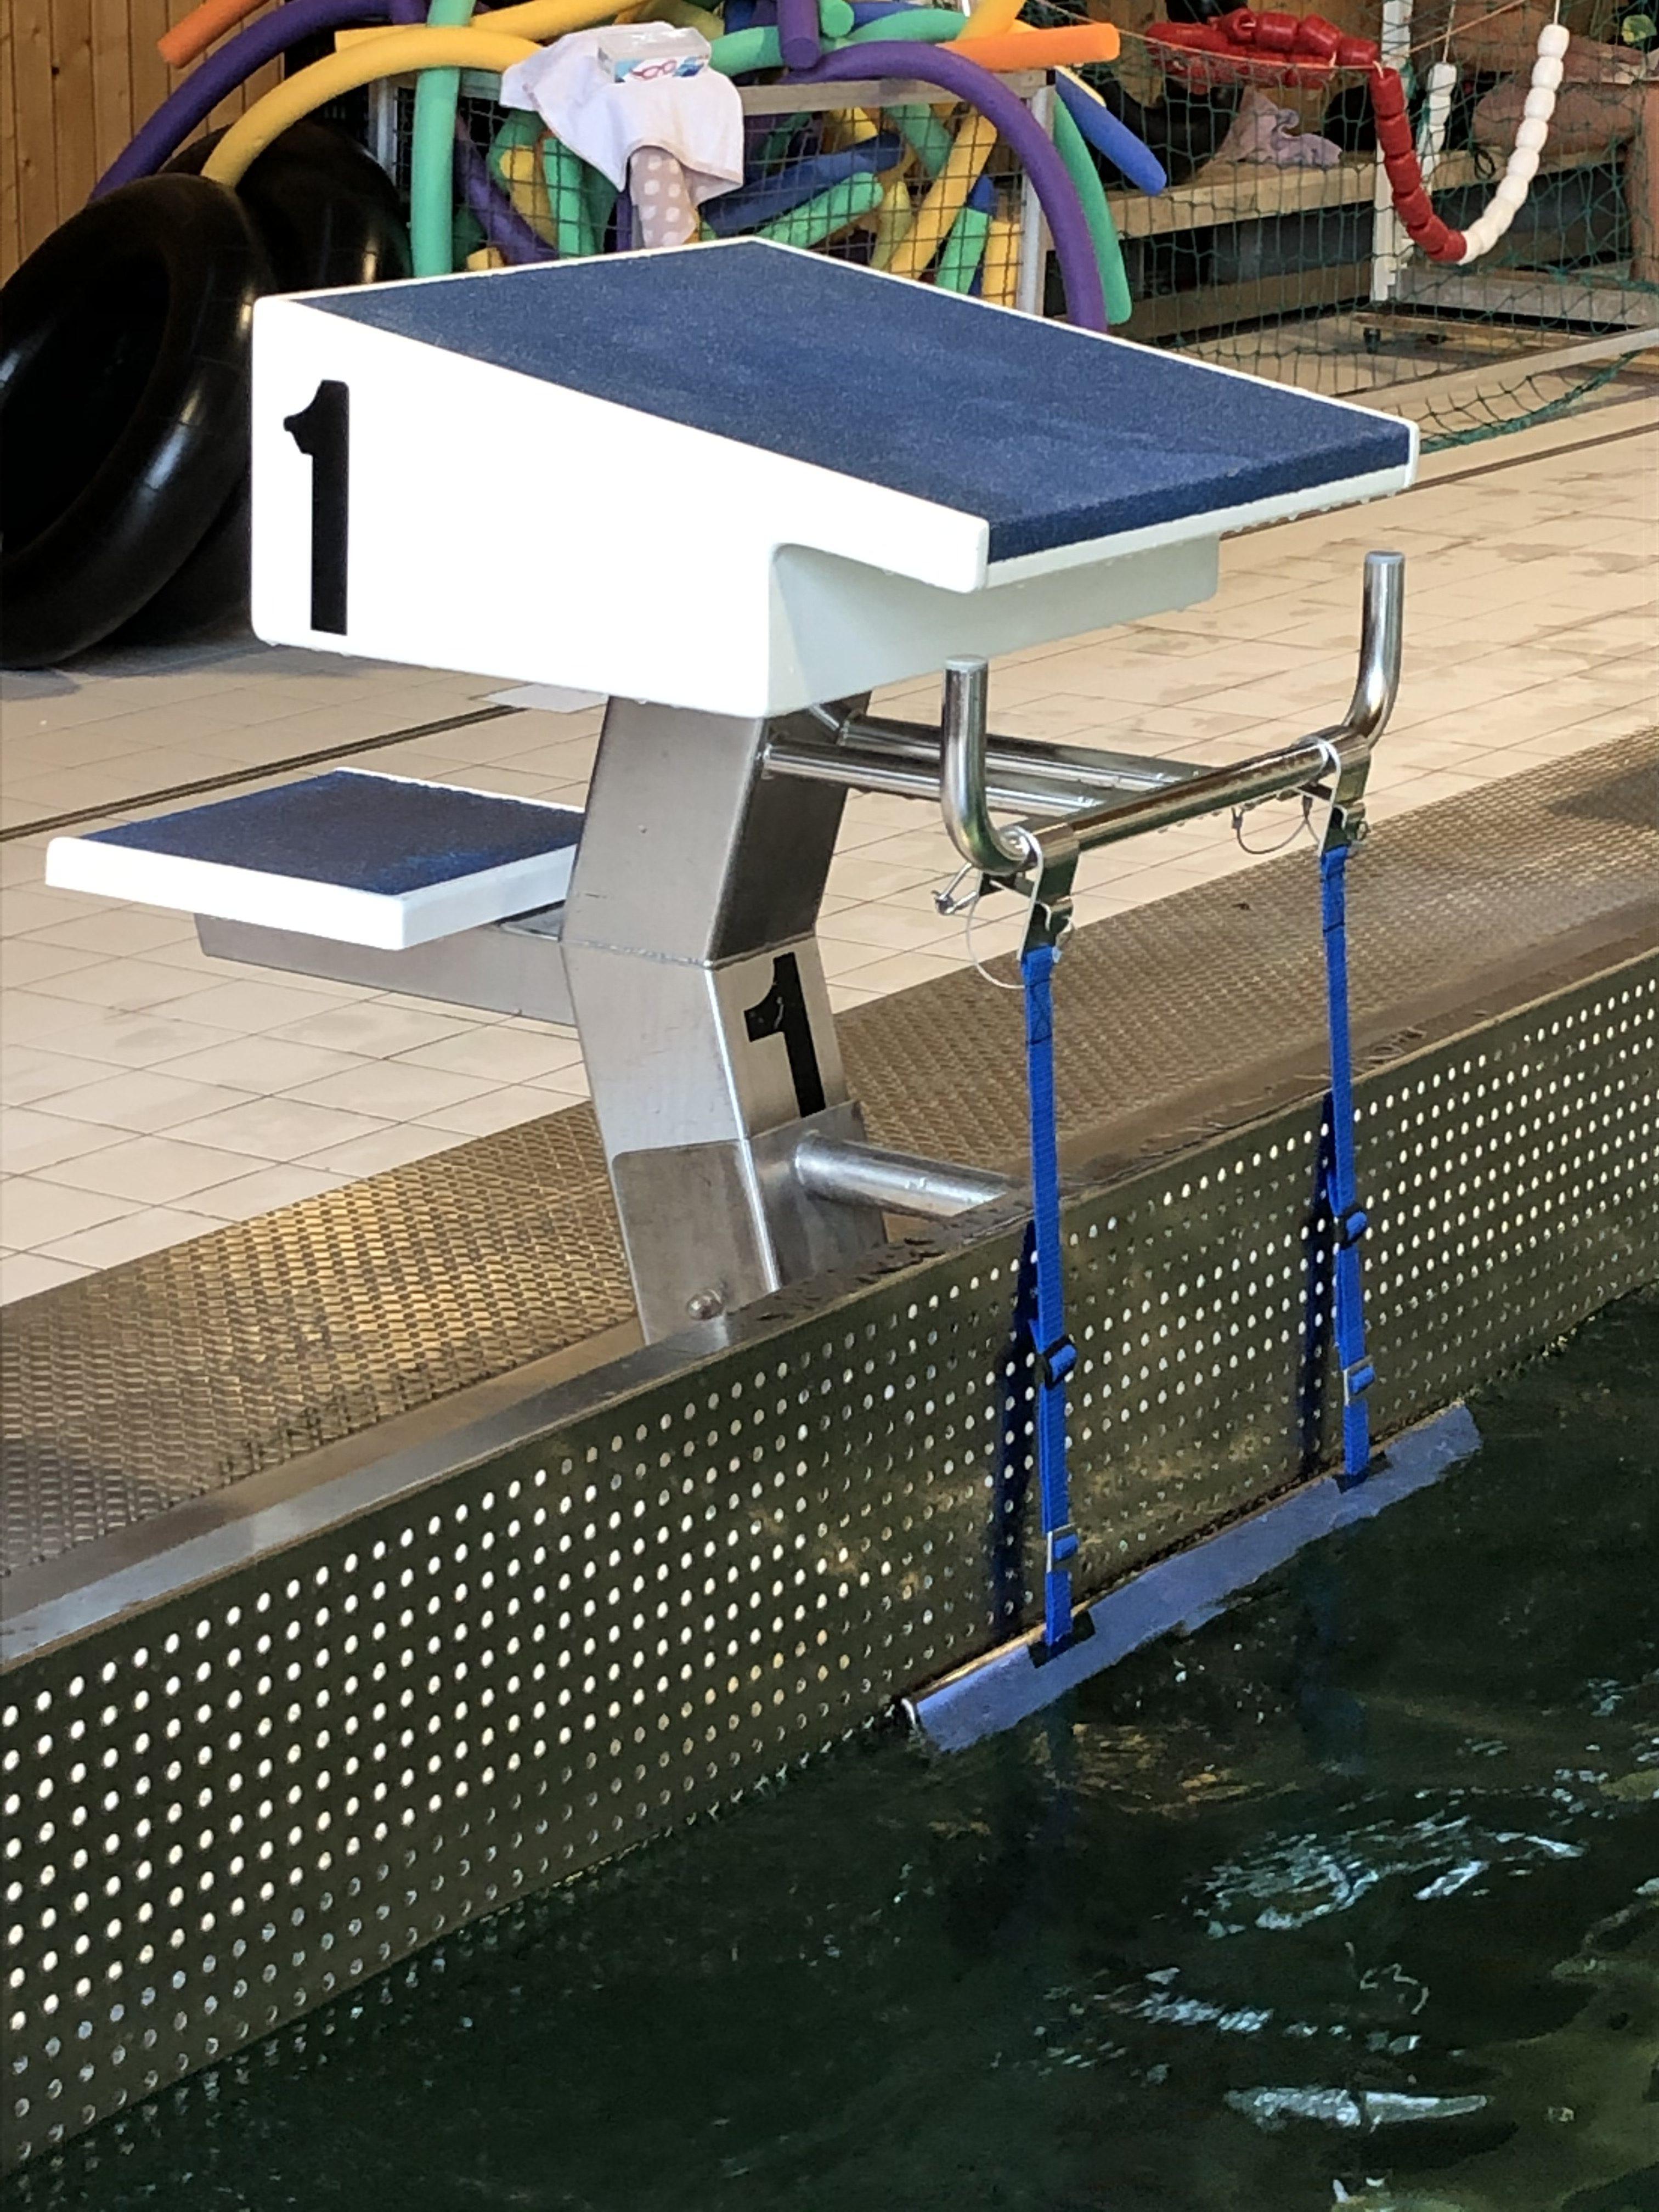 Backstroke wedge